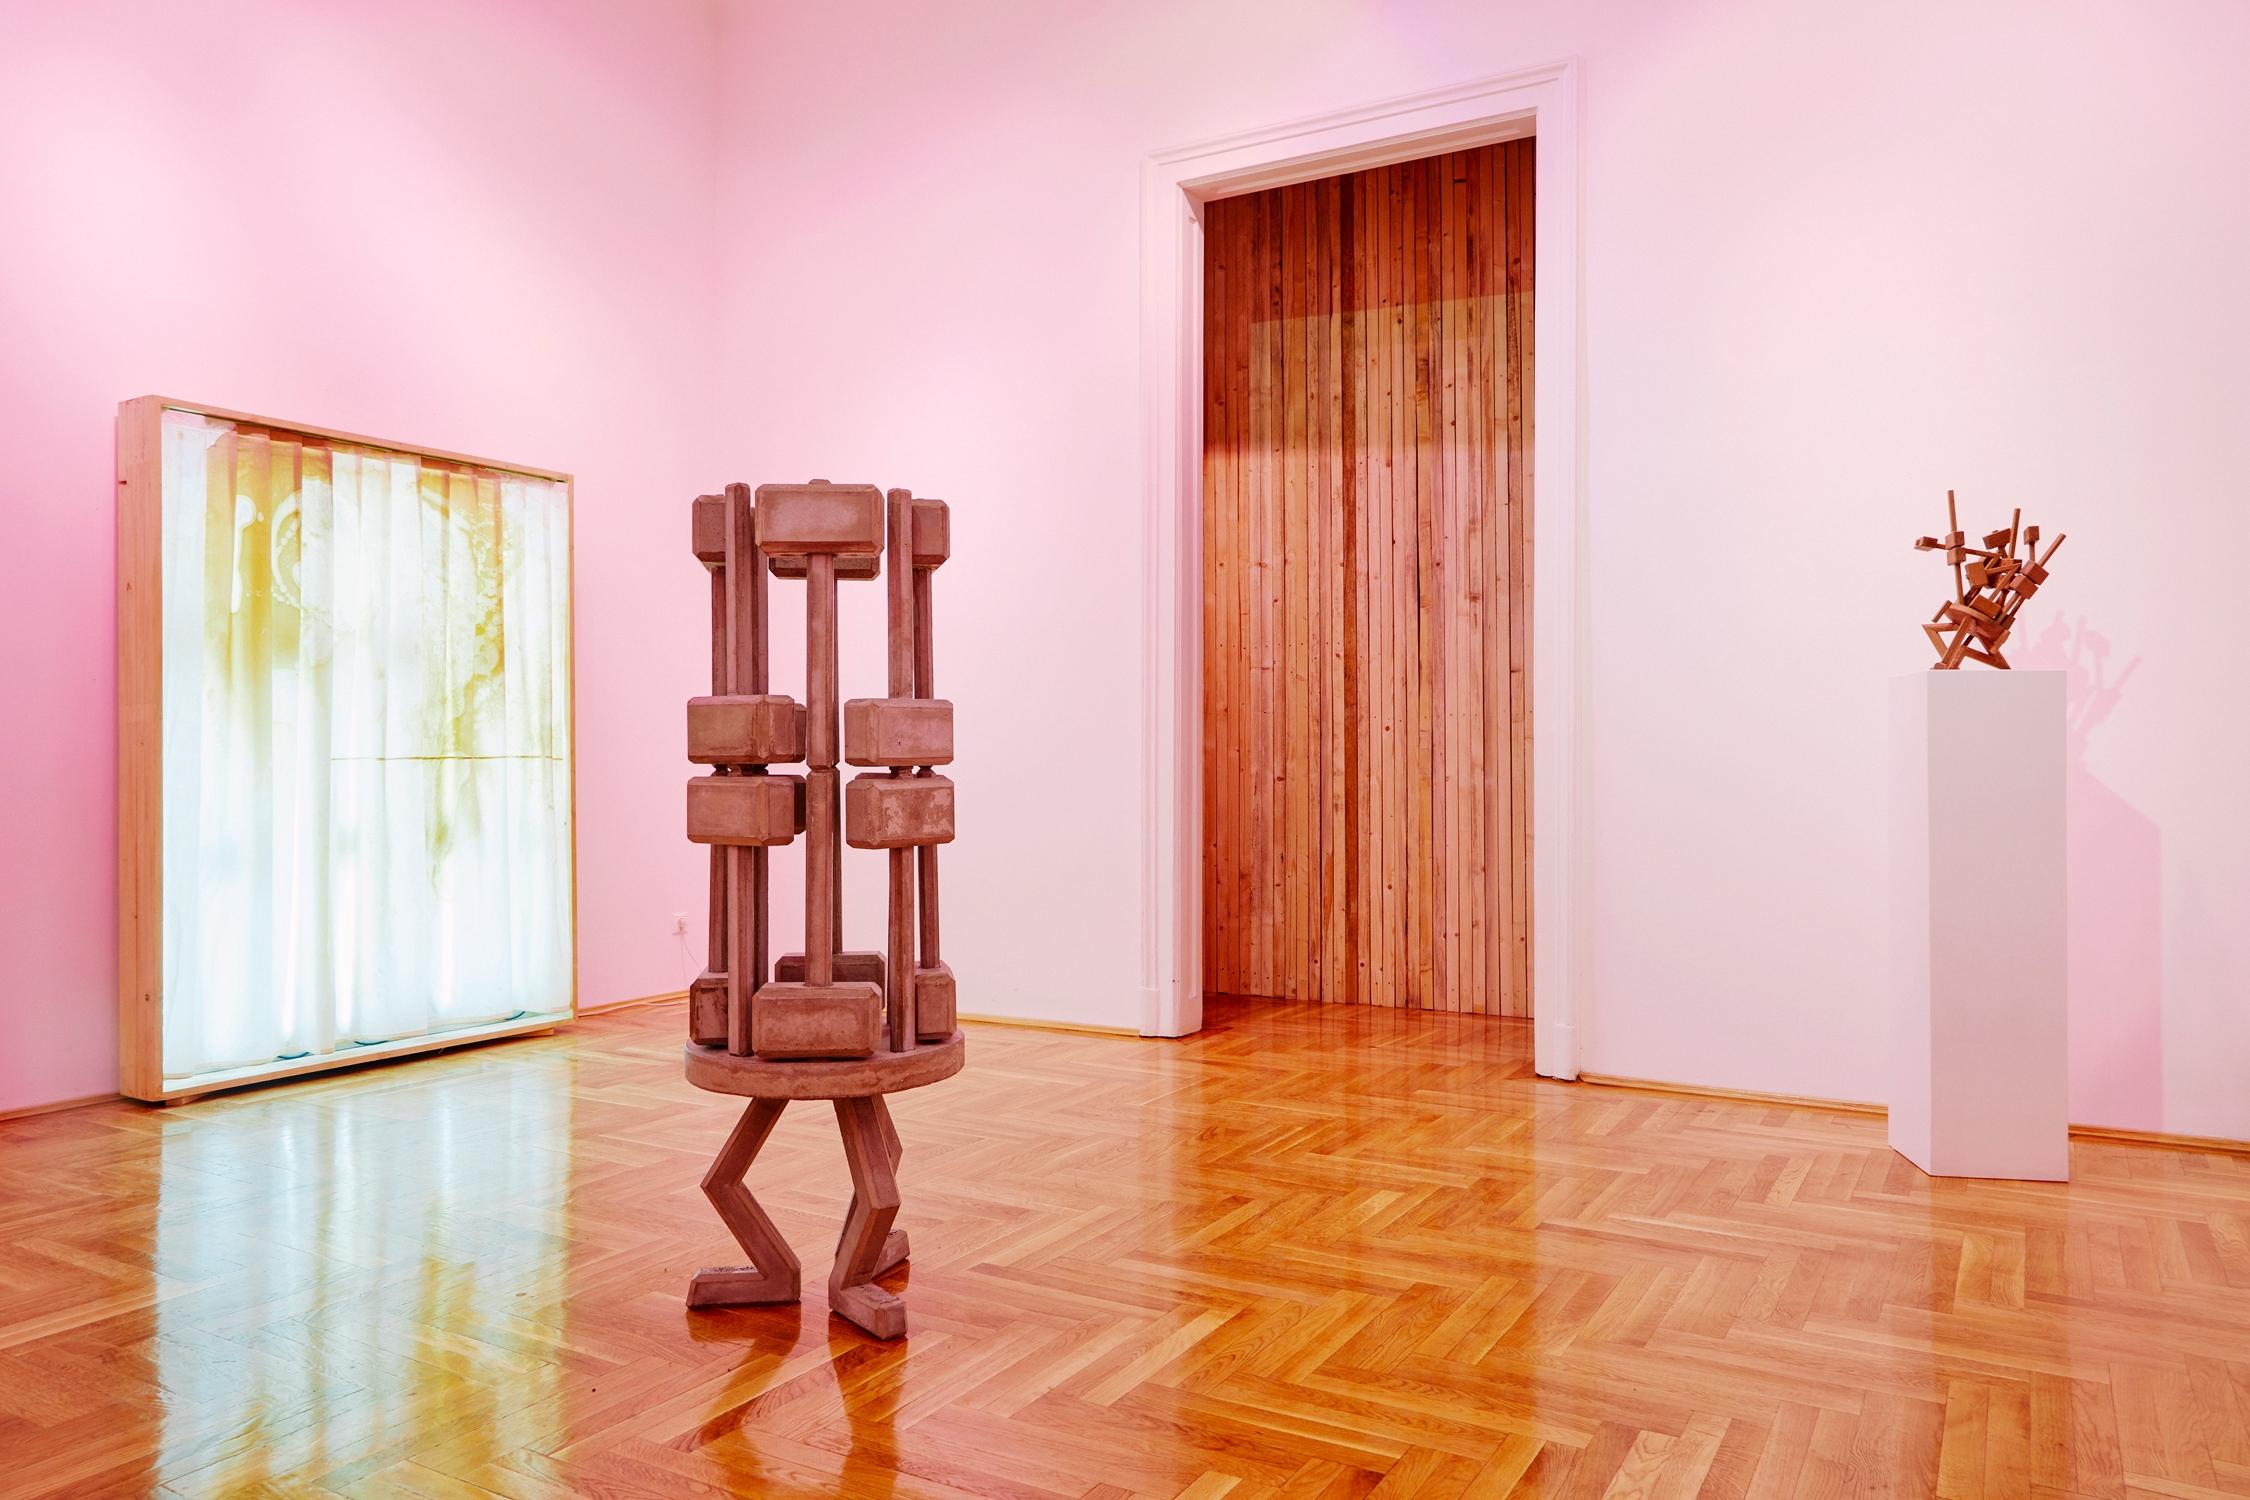 Csákány István: Tükör által / A Mirror Dimly, Glassyard gallery részlet a kiállításból | view of the exhibition